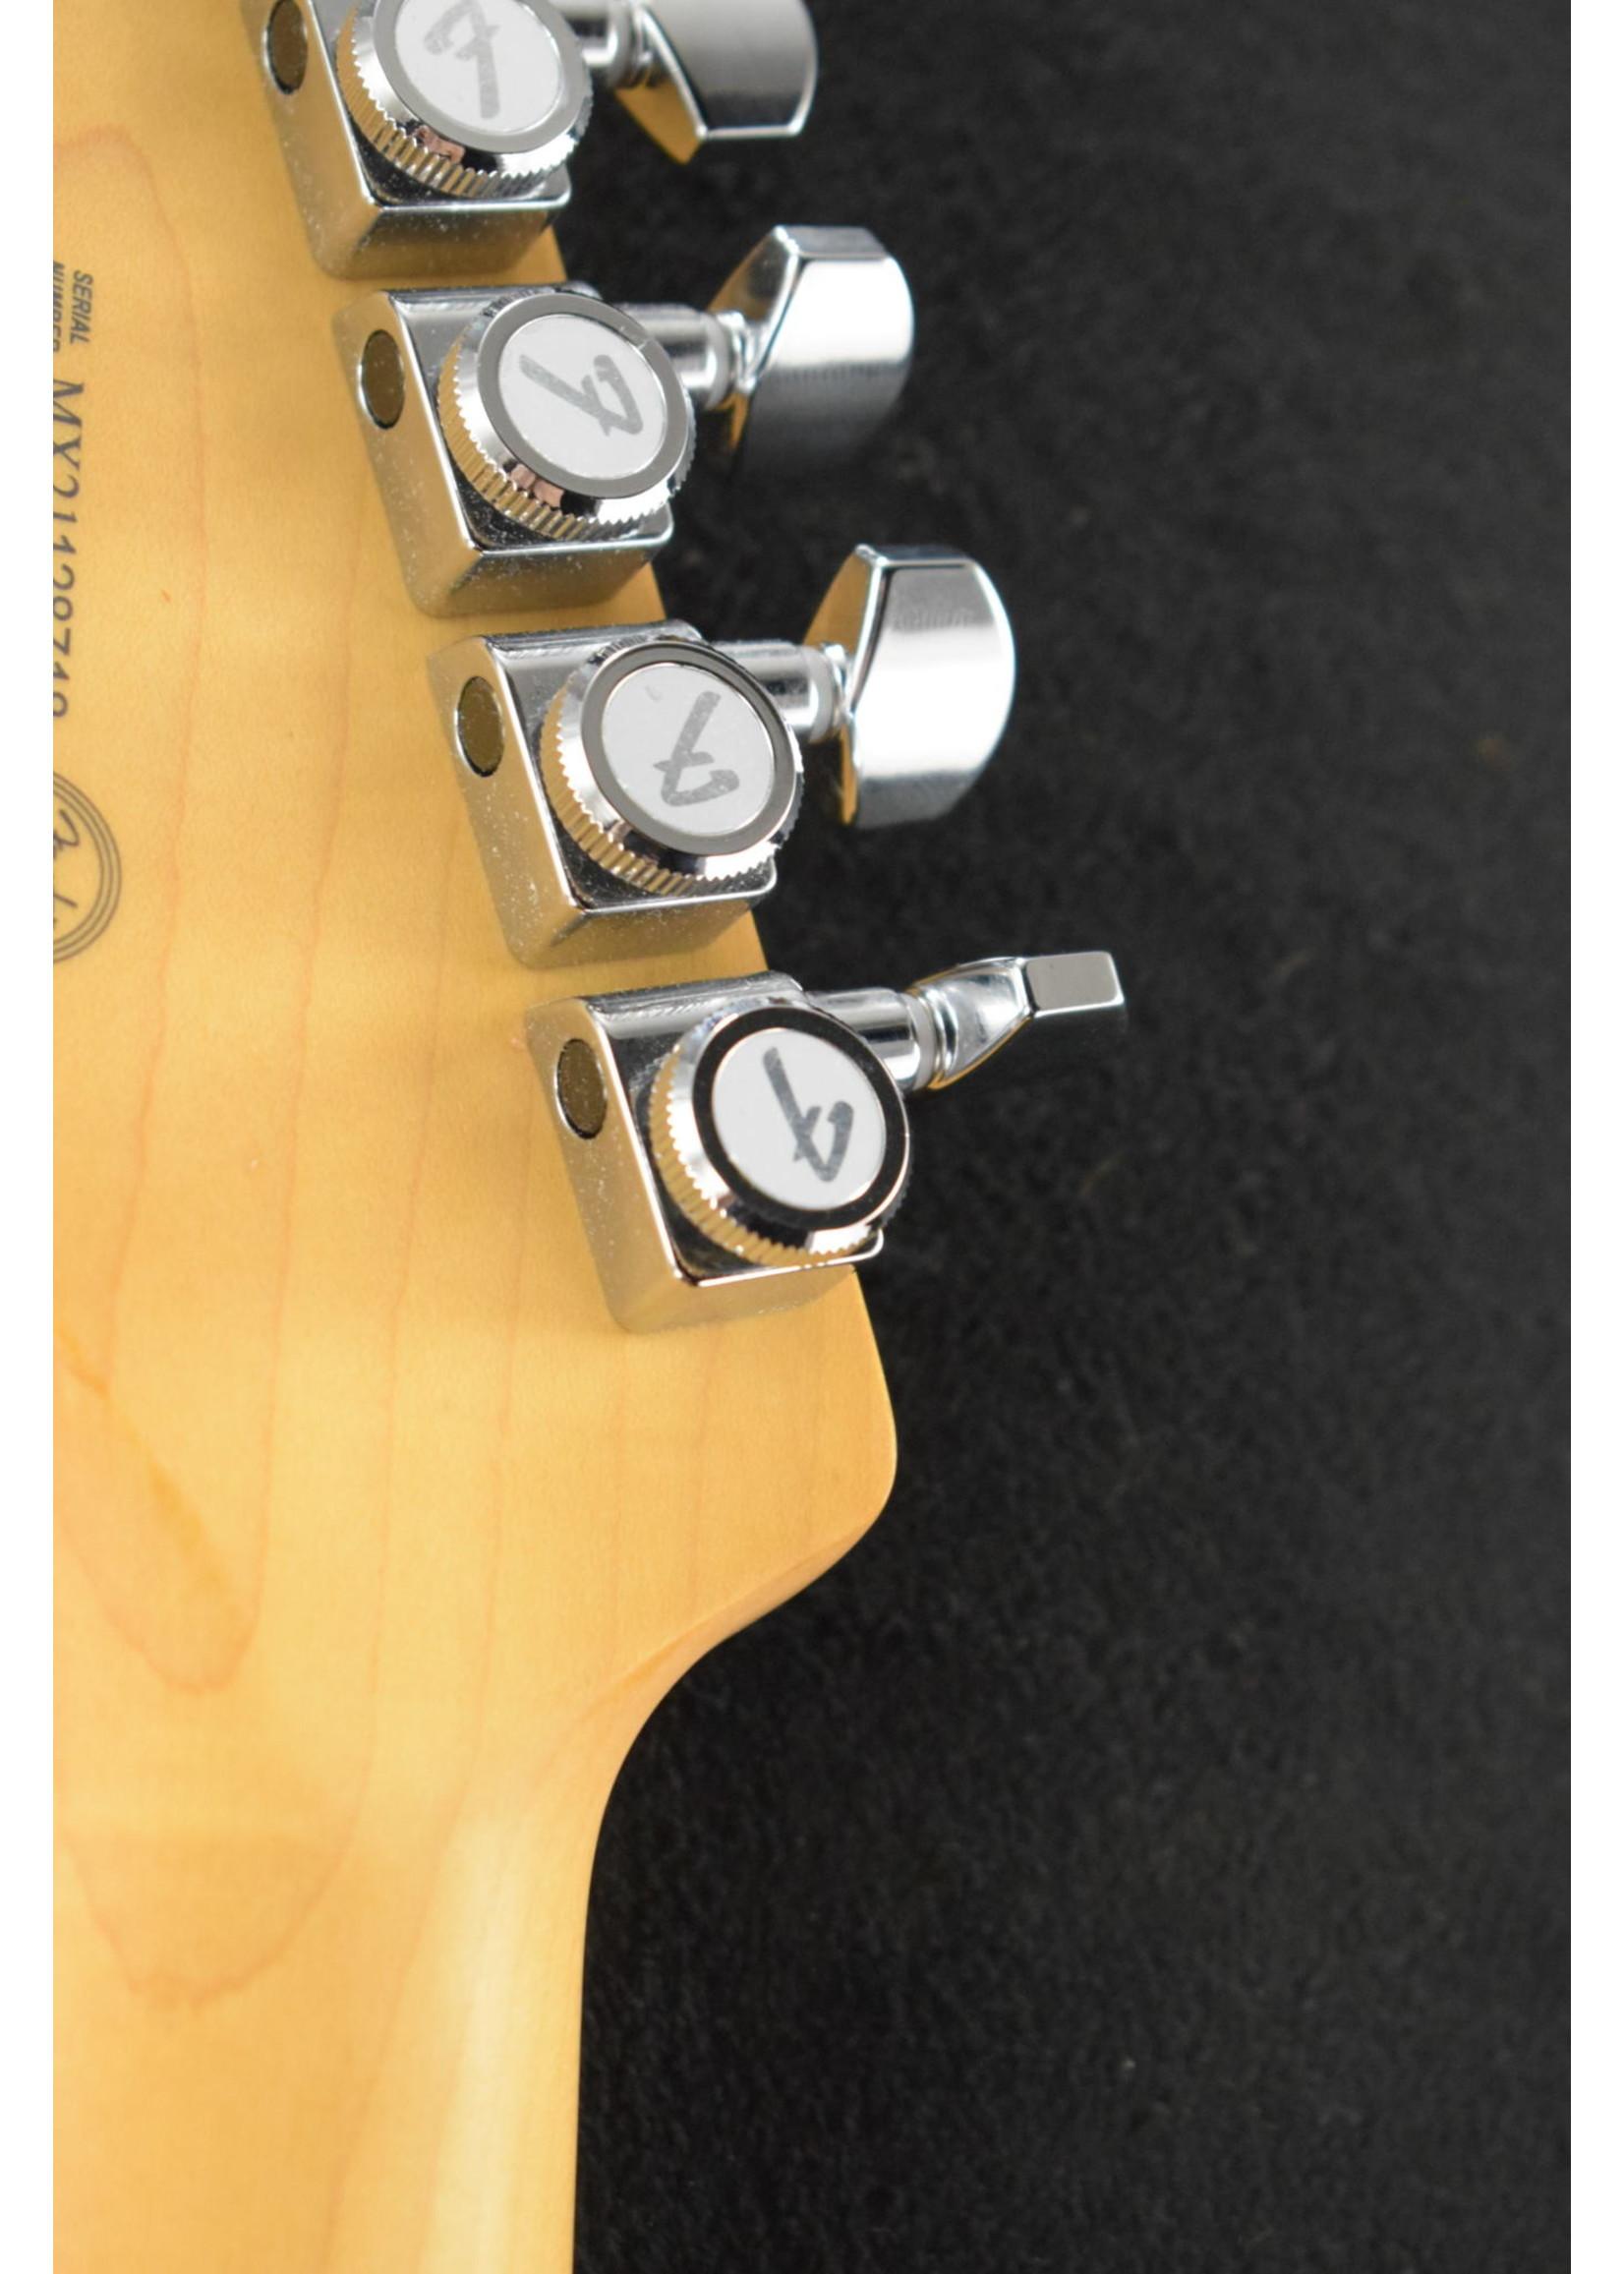 Fender Fender Player Plus Stratocaster Maple Fingerboard Tequila Sunrise